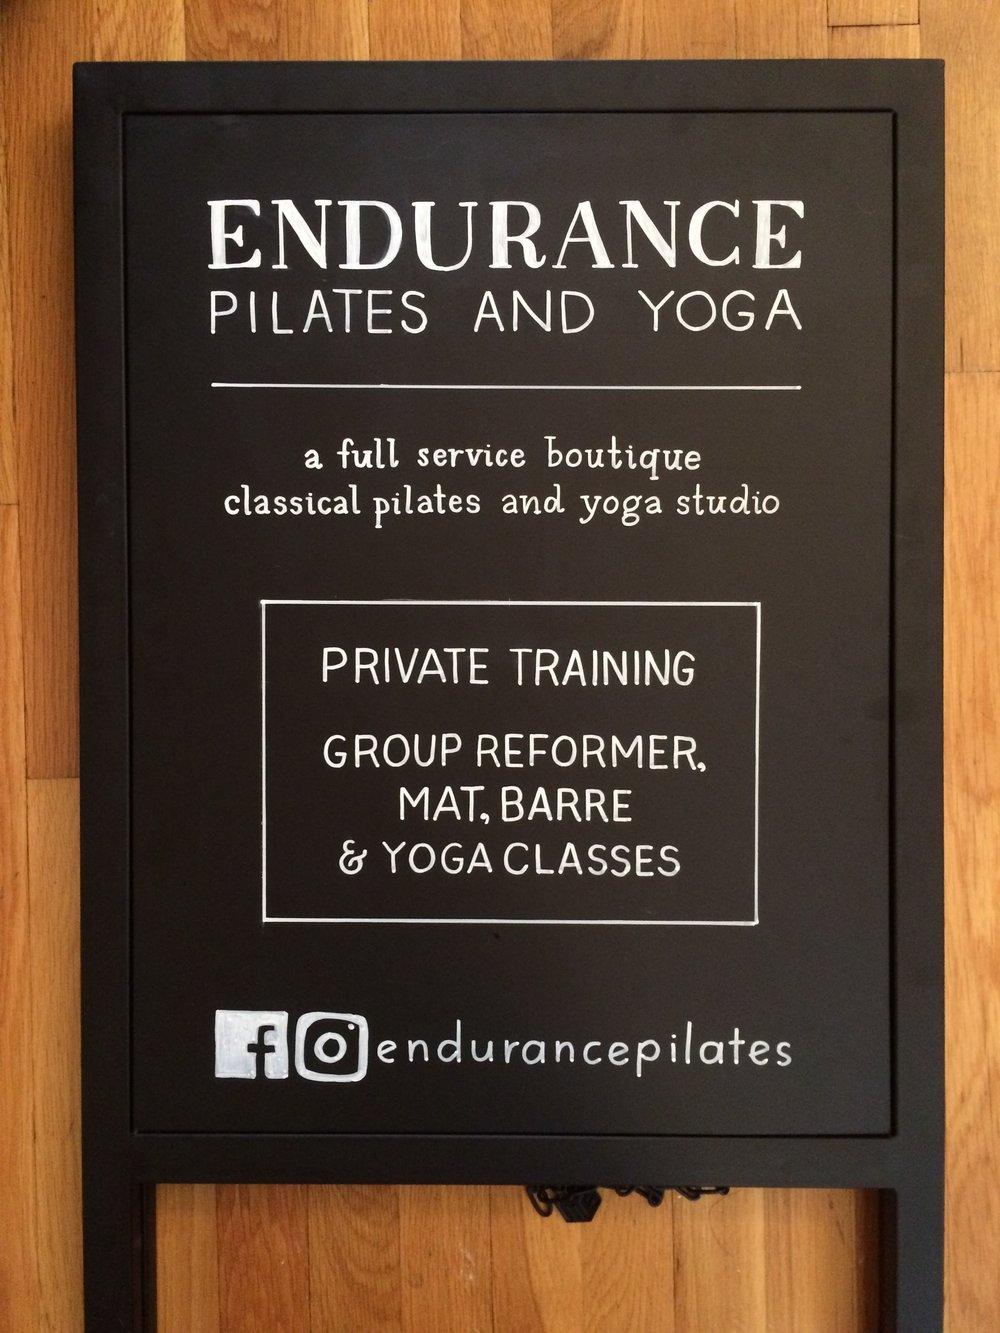 Sidewalk Signage Lettering for Endurance Pilates